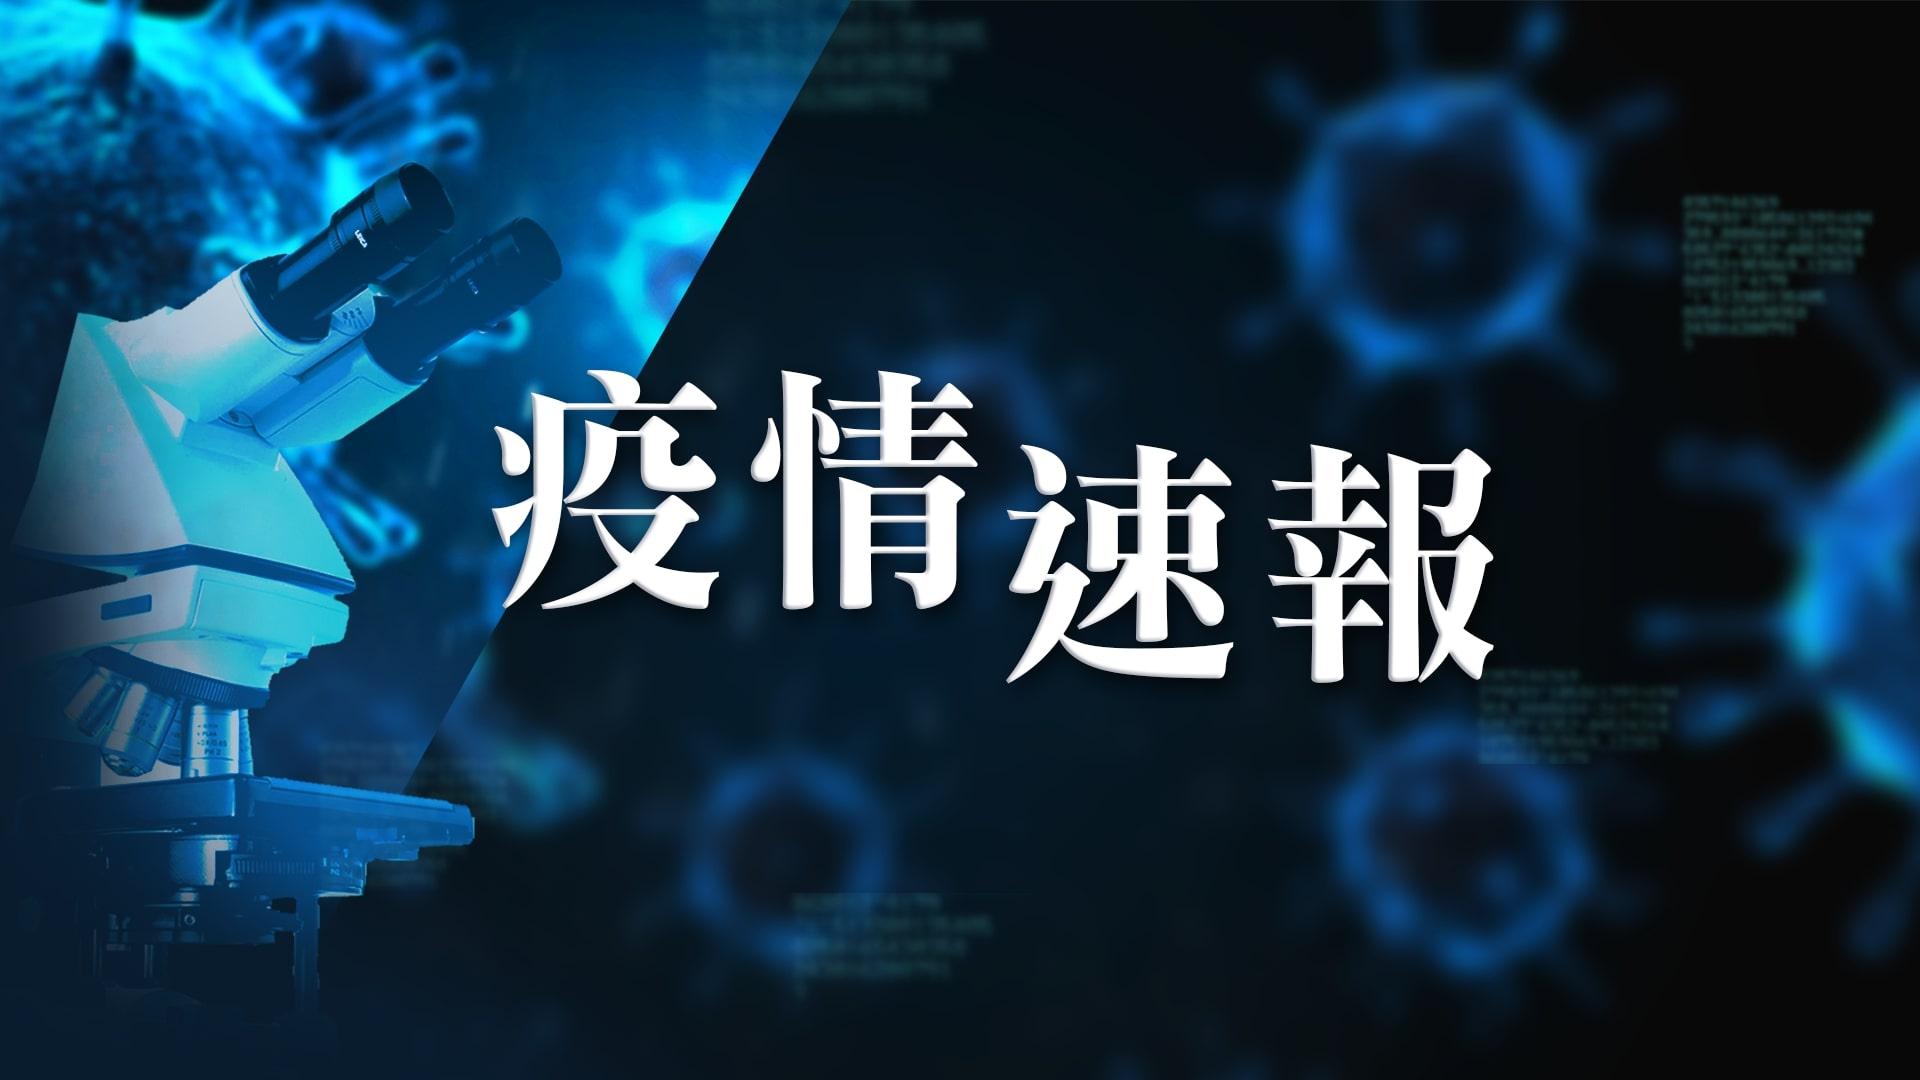 【10月19日疫情速報】(23:05)